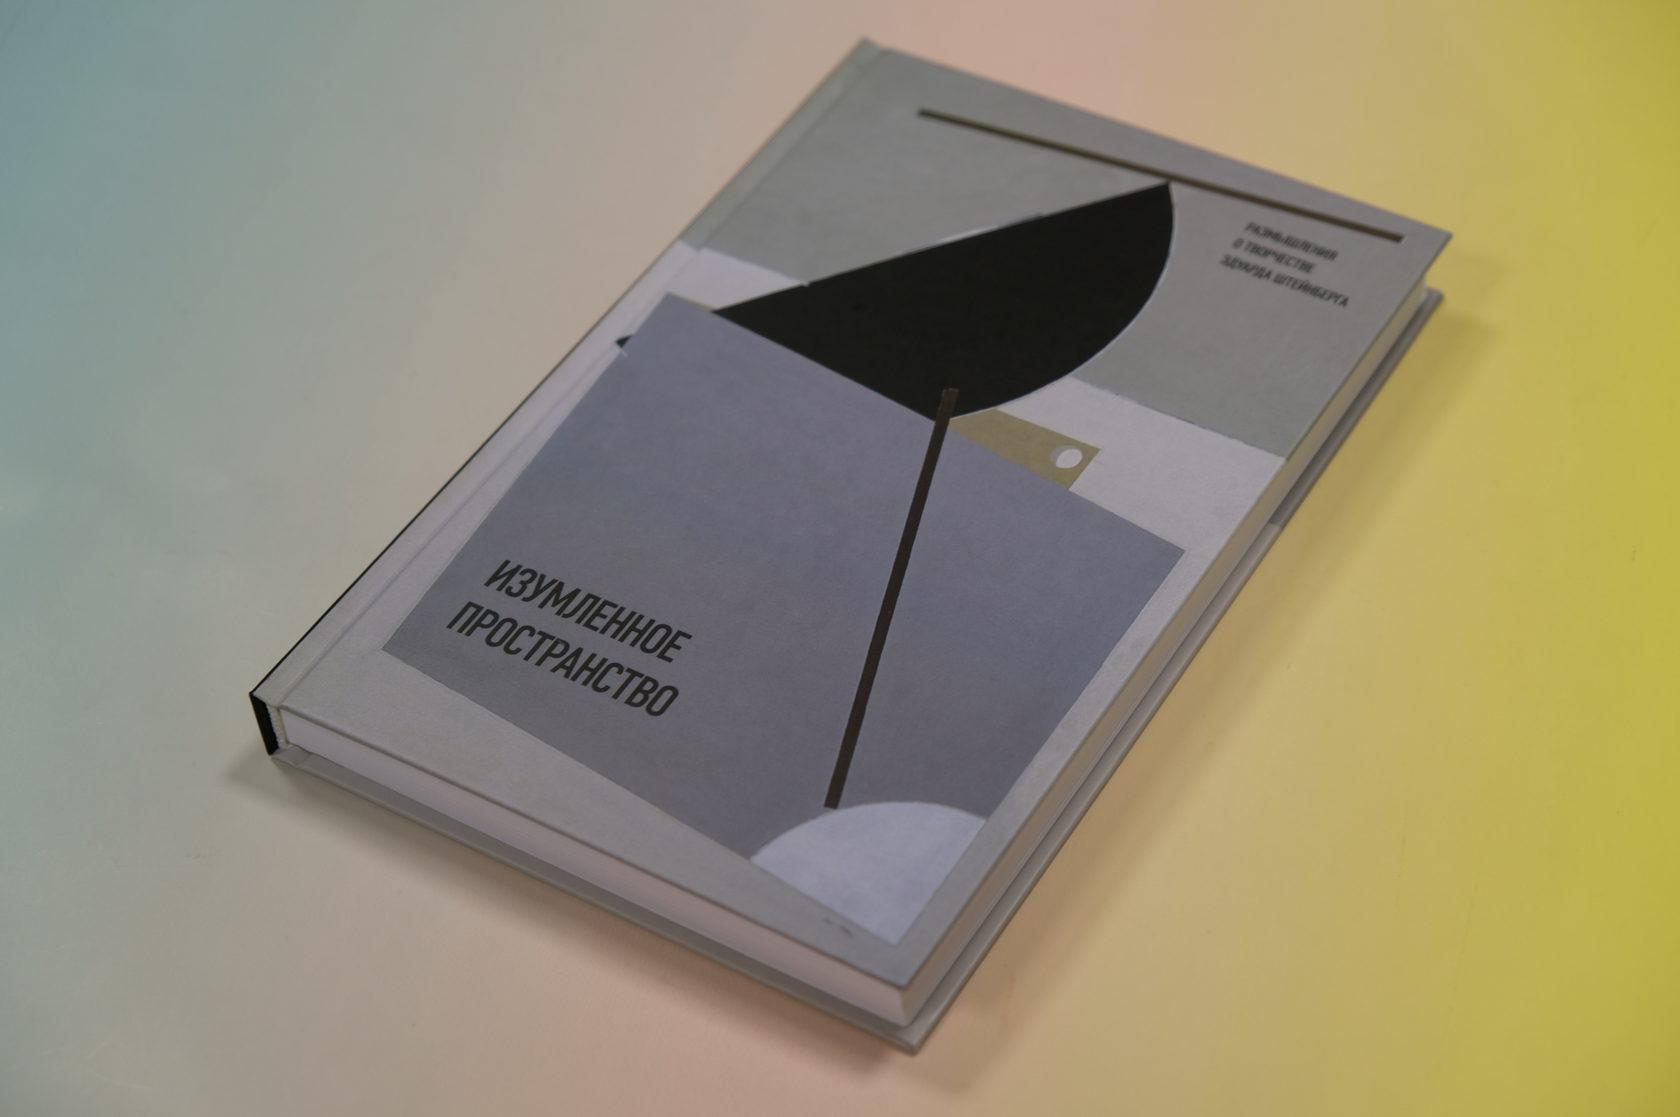 «Изумленное пространство. Размышления о творчестве Эдуарда Штейнберга» 978-5-4448-1141-2